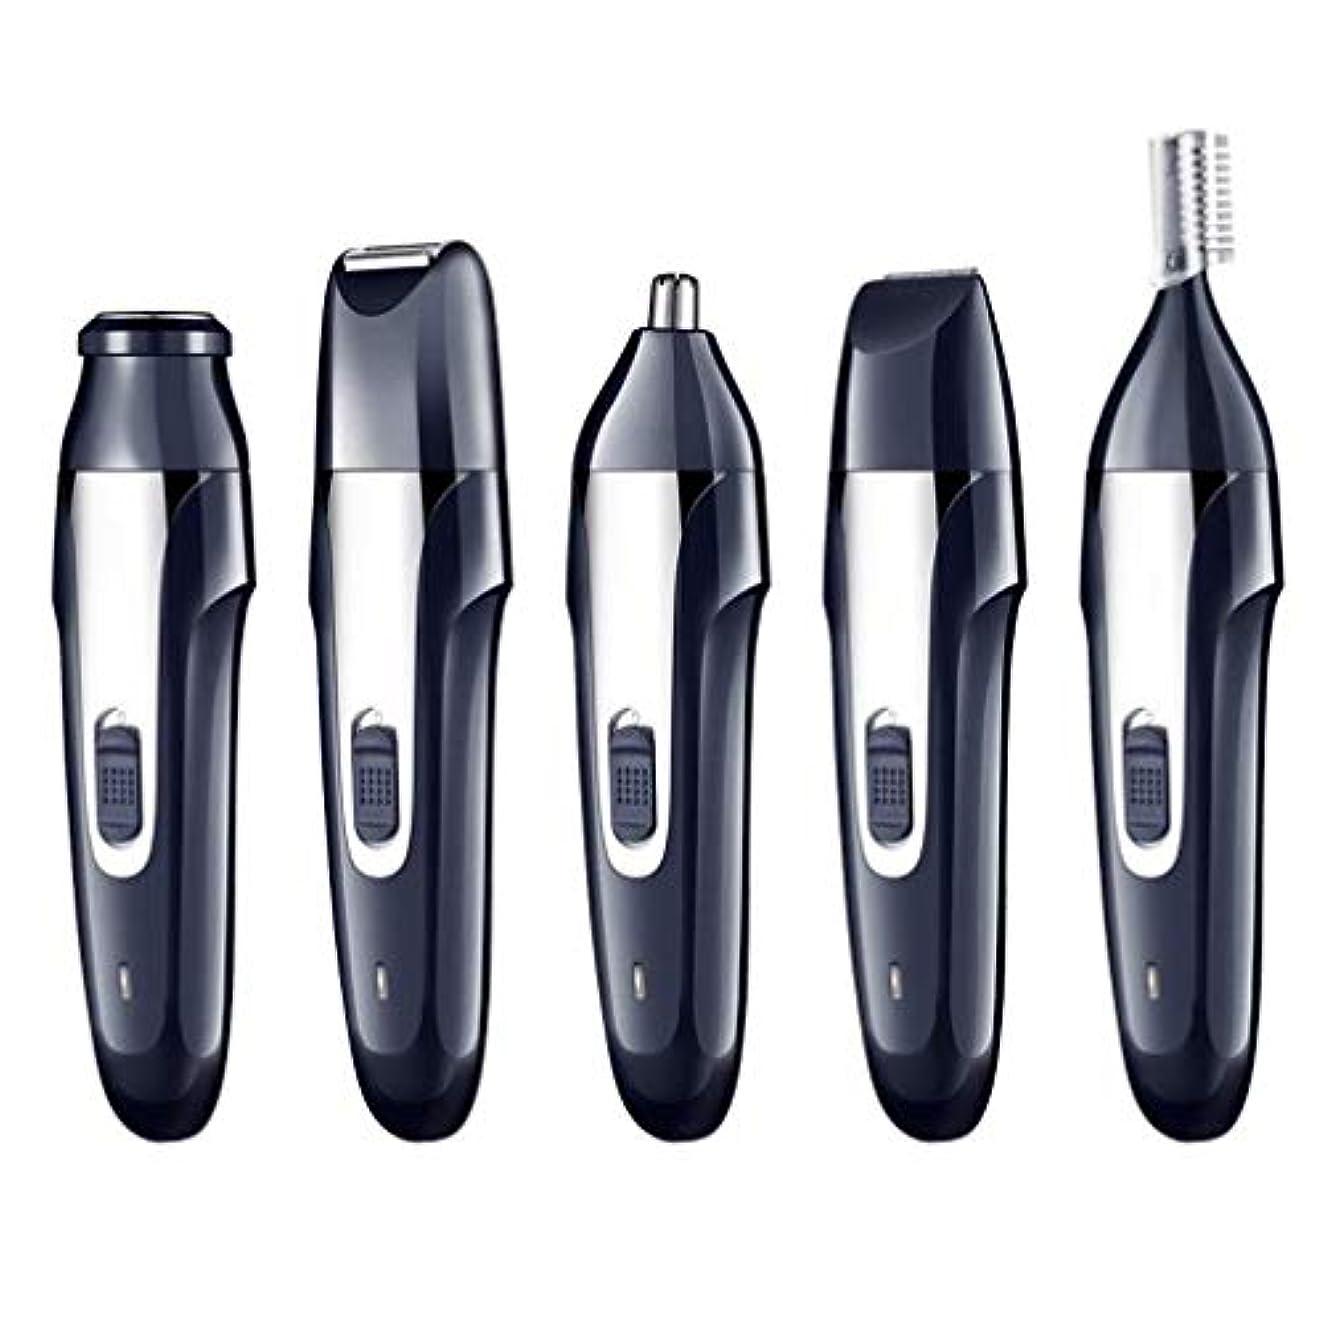 ジョイント中毒ギャラリー鼻毛トリマー - 電動脱毛器具、USB充電器、リップヘア、眉毛形削りナイフ、5つ1つ、ポータブル、ユニセックス (Color : 1)